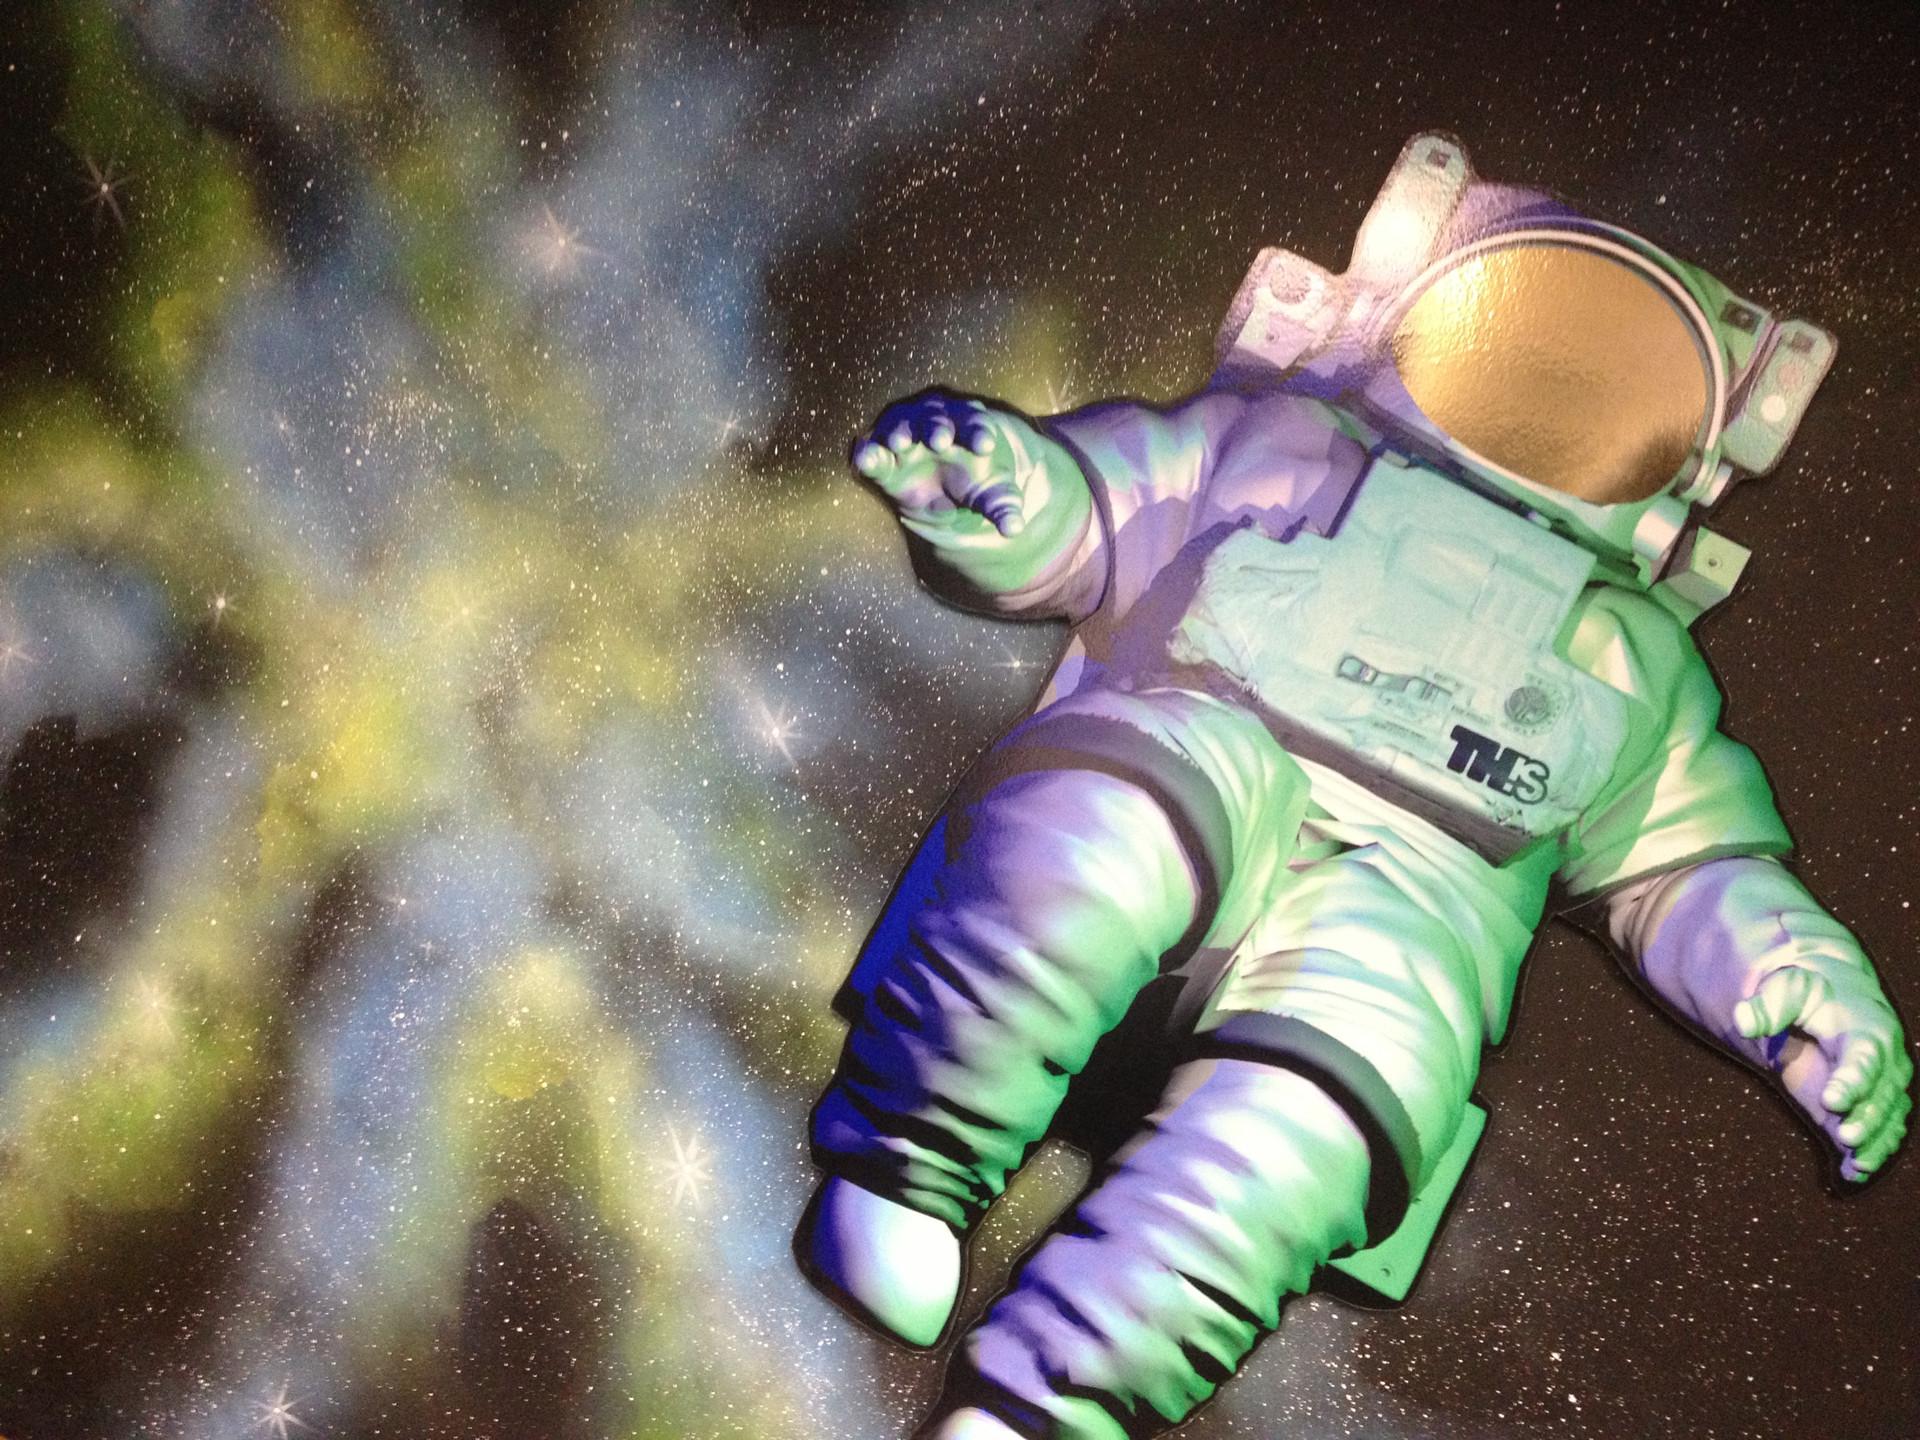 Spaceroom5.JPG